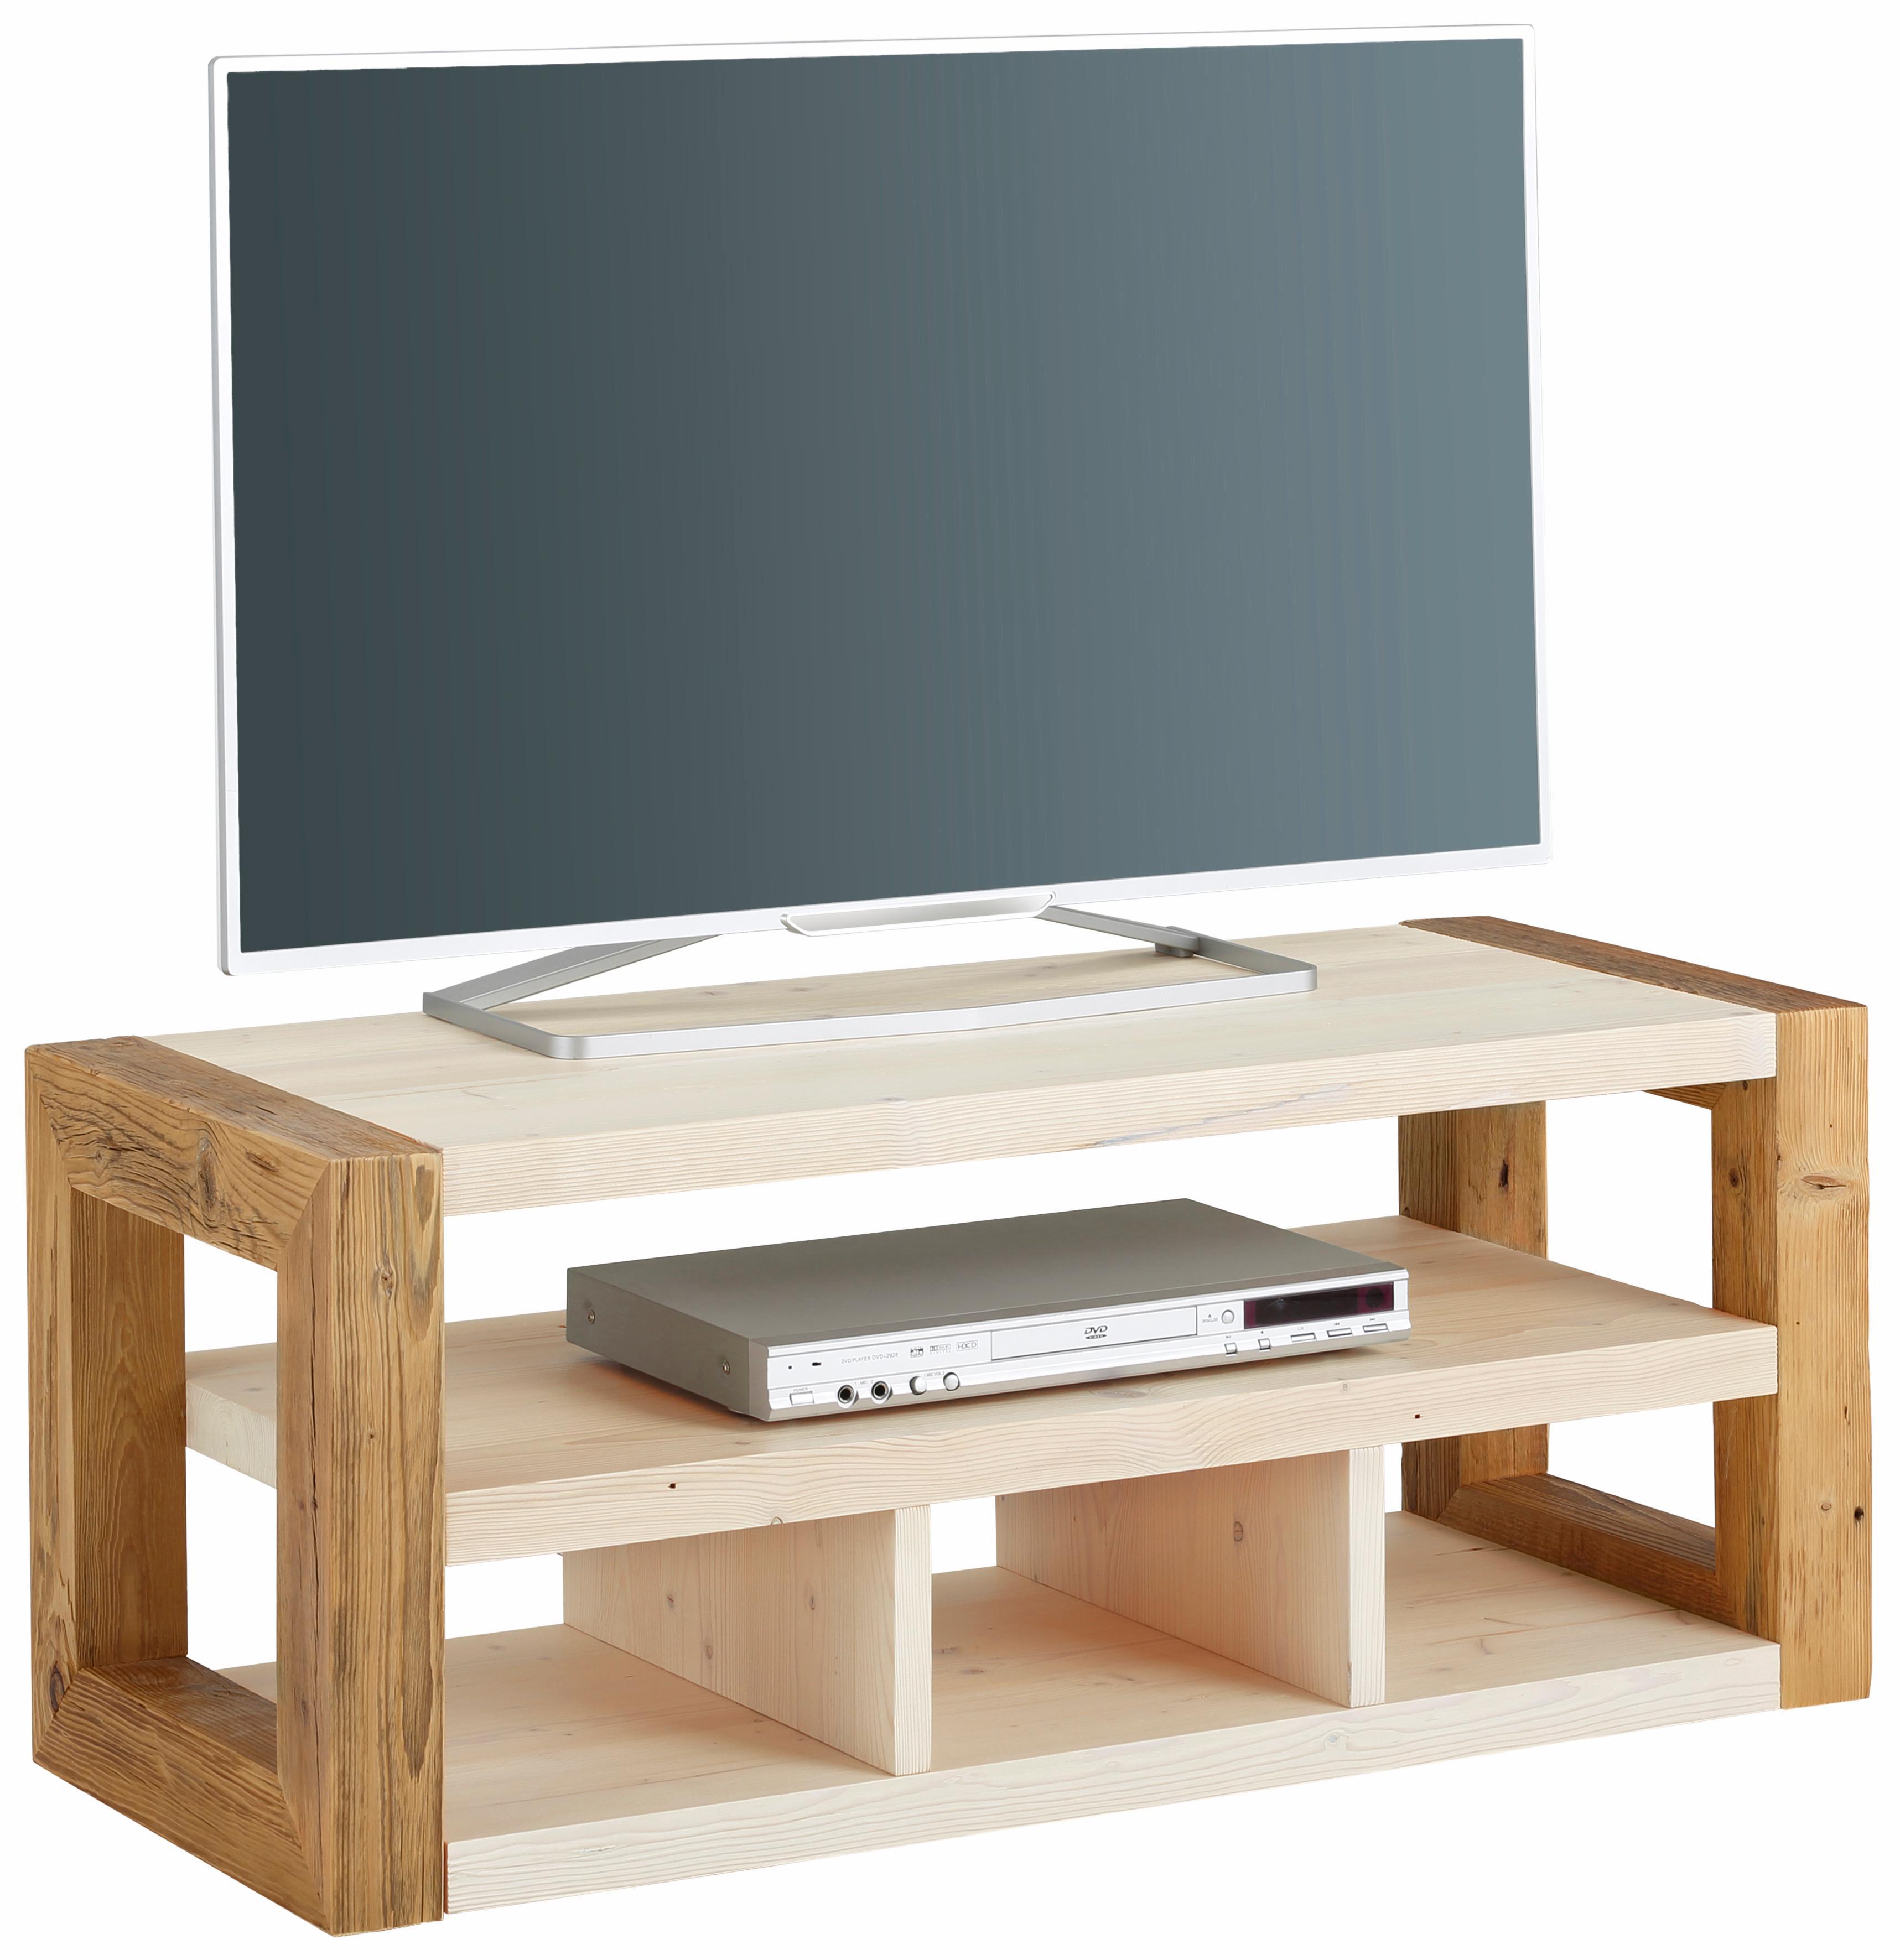 Home affaire Lowboard »Larengo« günstig online kaufen